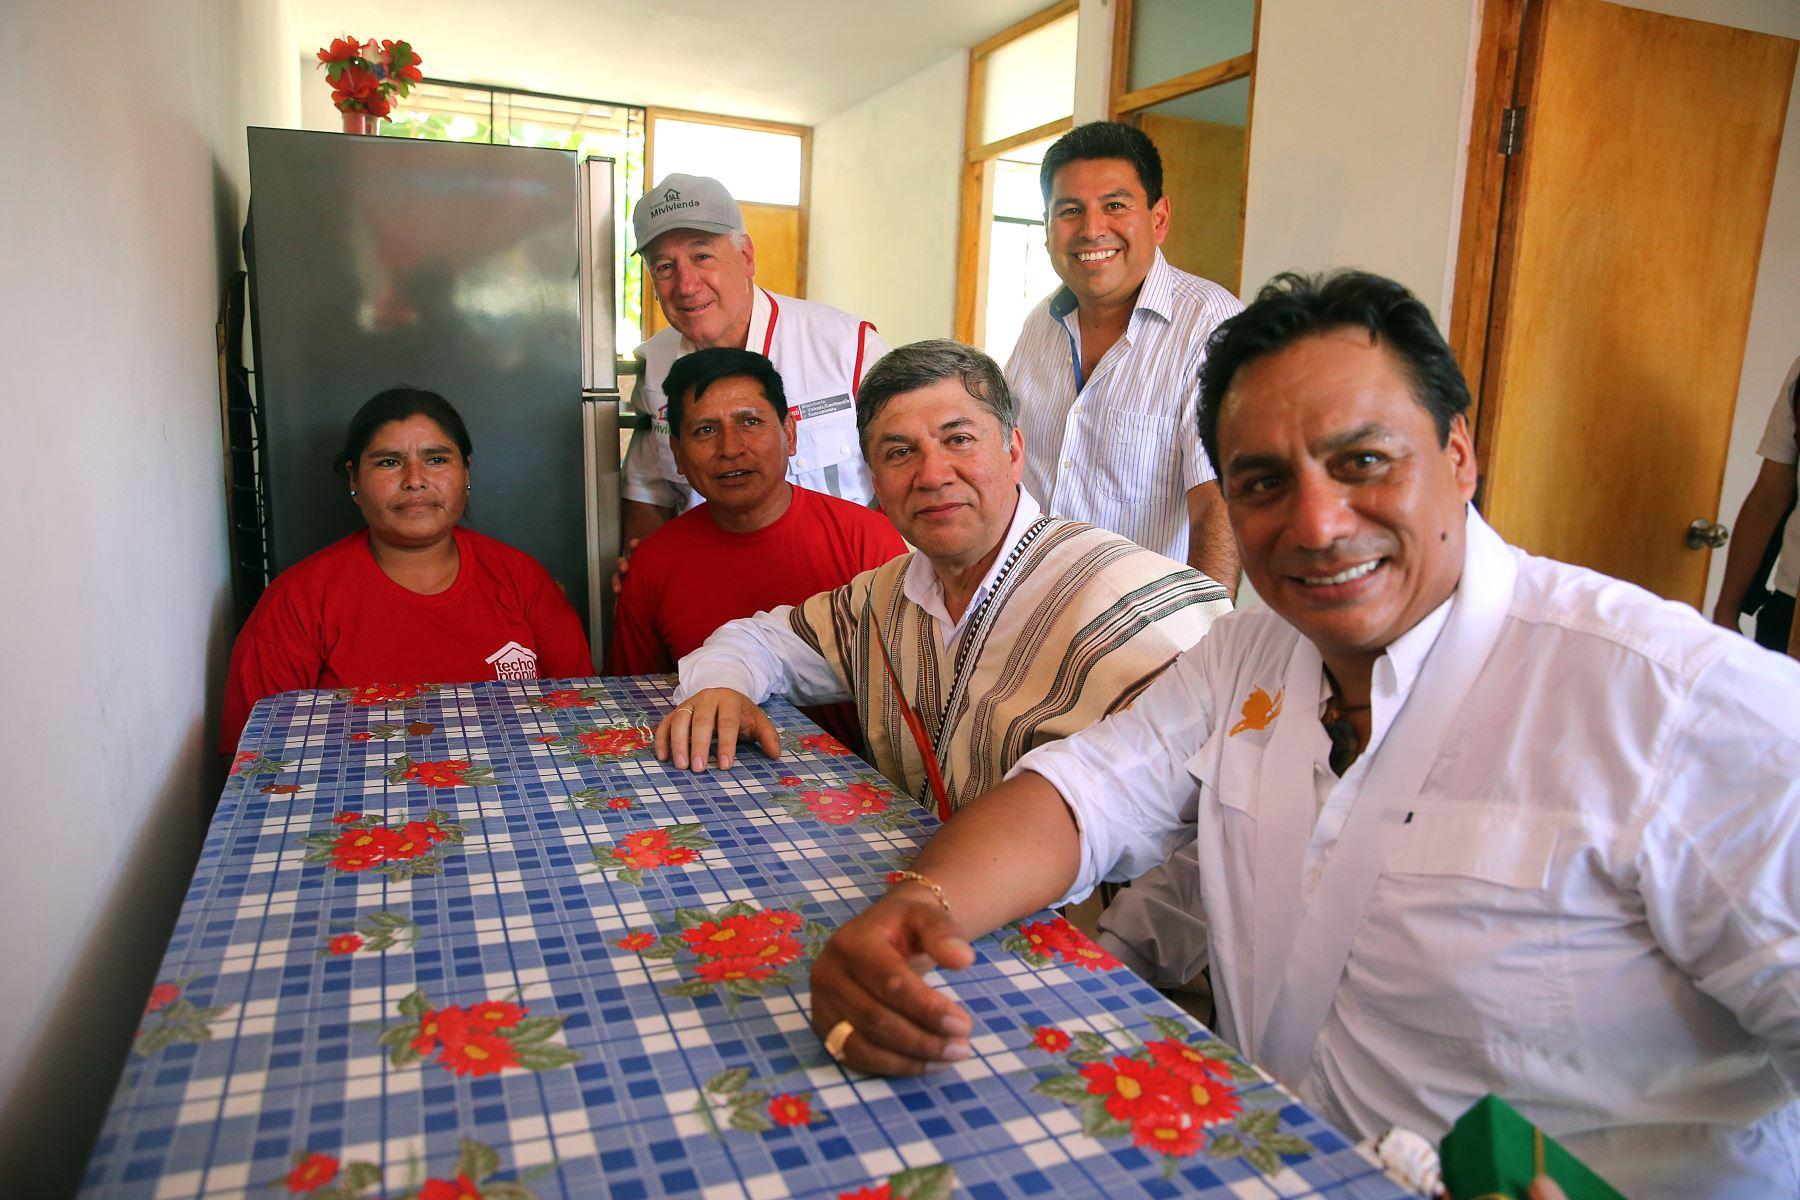 El ministro de vivienda Miguel Estrada, entrega 62 viviendas a familias de bajos recursos en el VRAEM. Foto: ANDINA/ Vidal Tarqui